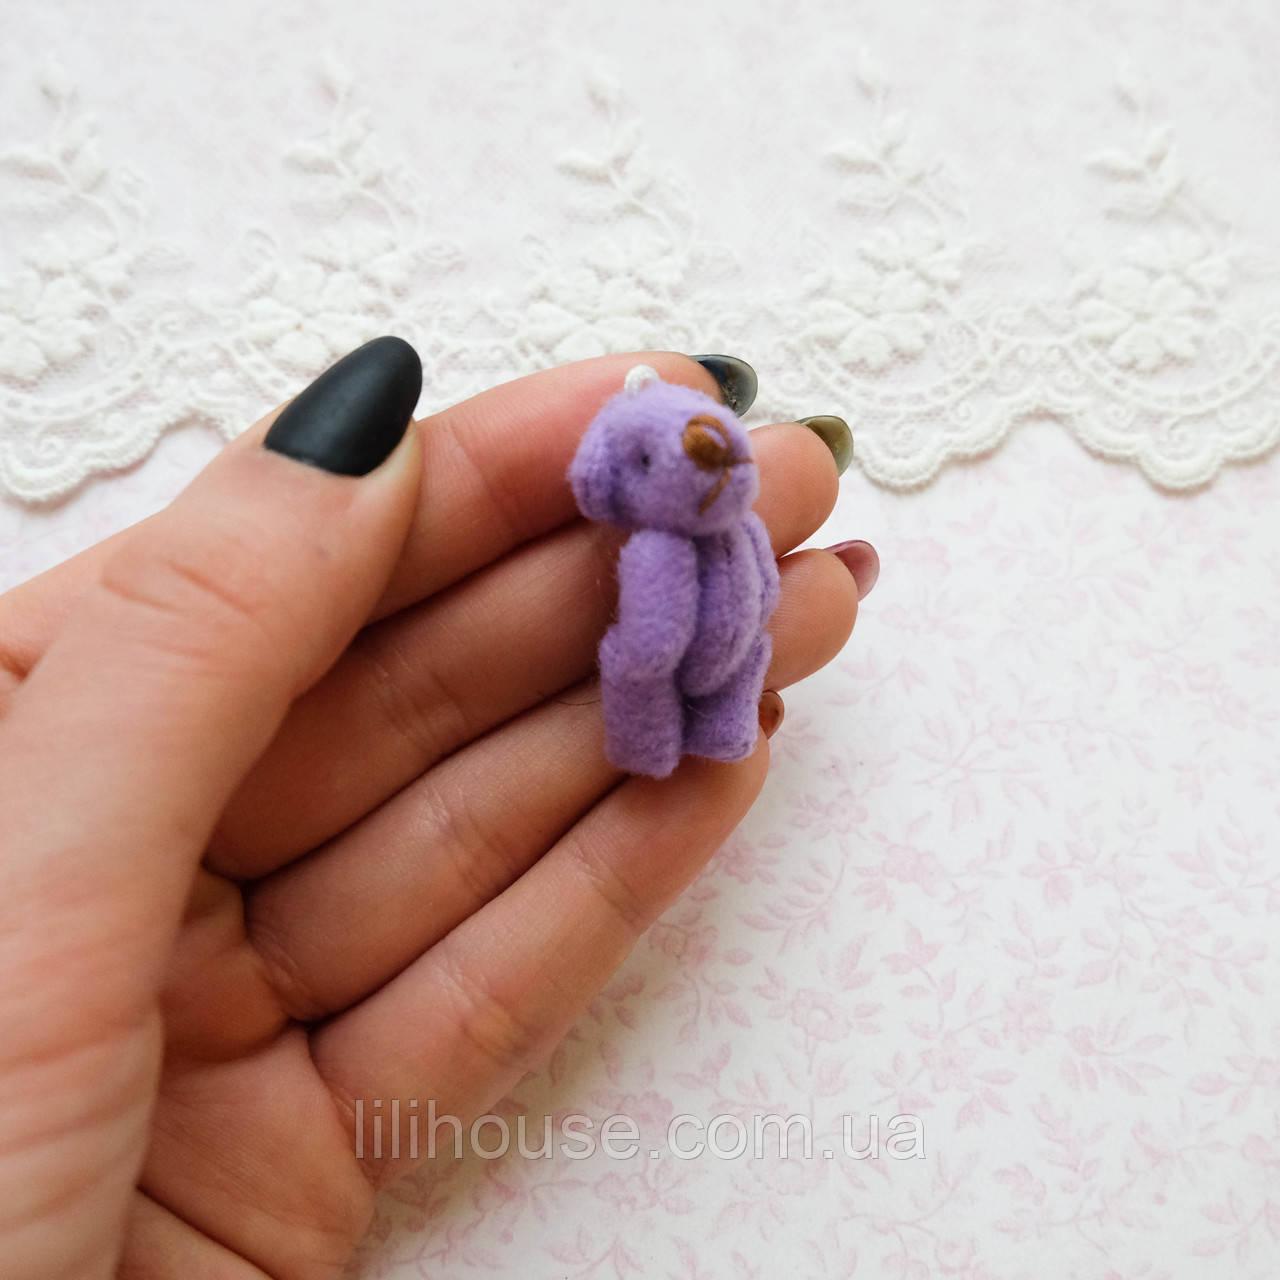 Мягкая Игрушка Медвежонок Мини 3.5 см ФИОЛЕТОВЫЙ